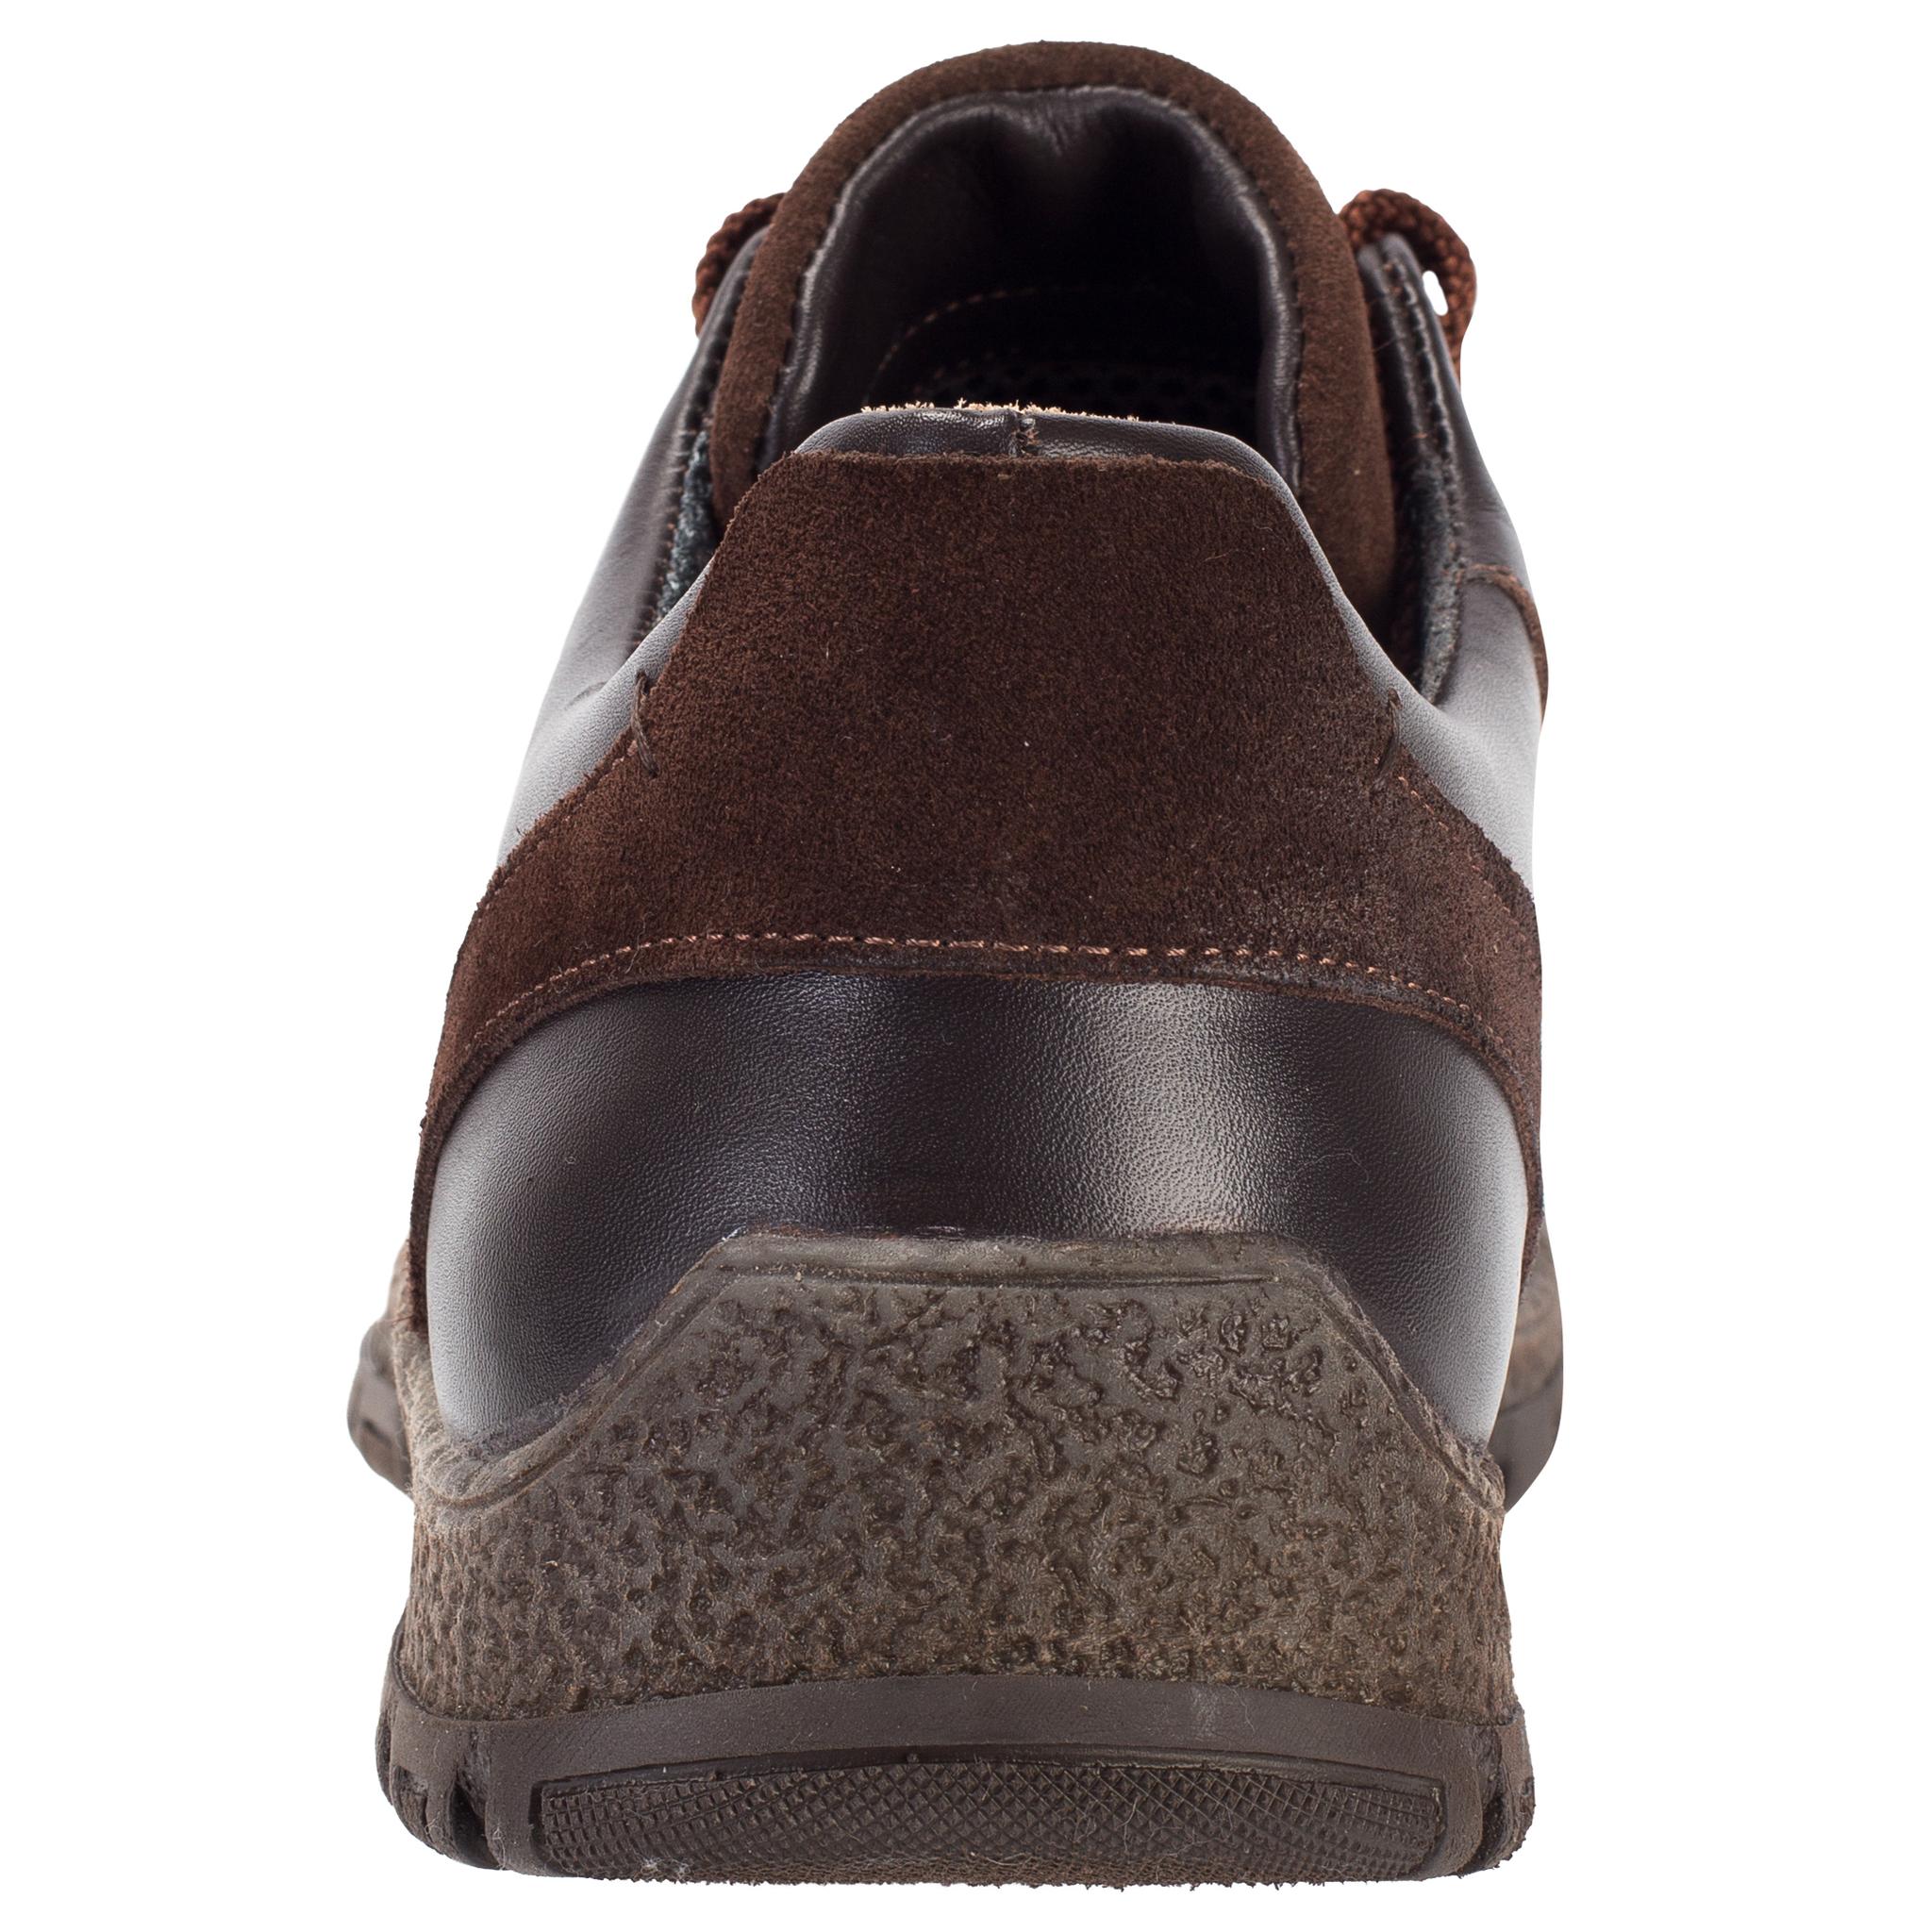 652316 Полуботинки мужские коричневые кожа больших размеров марки Делфино